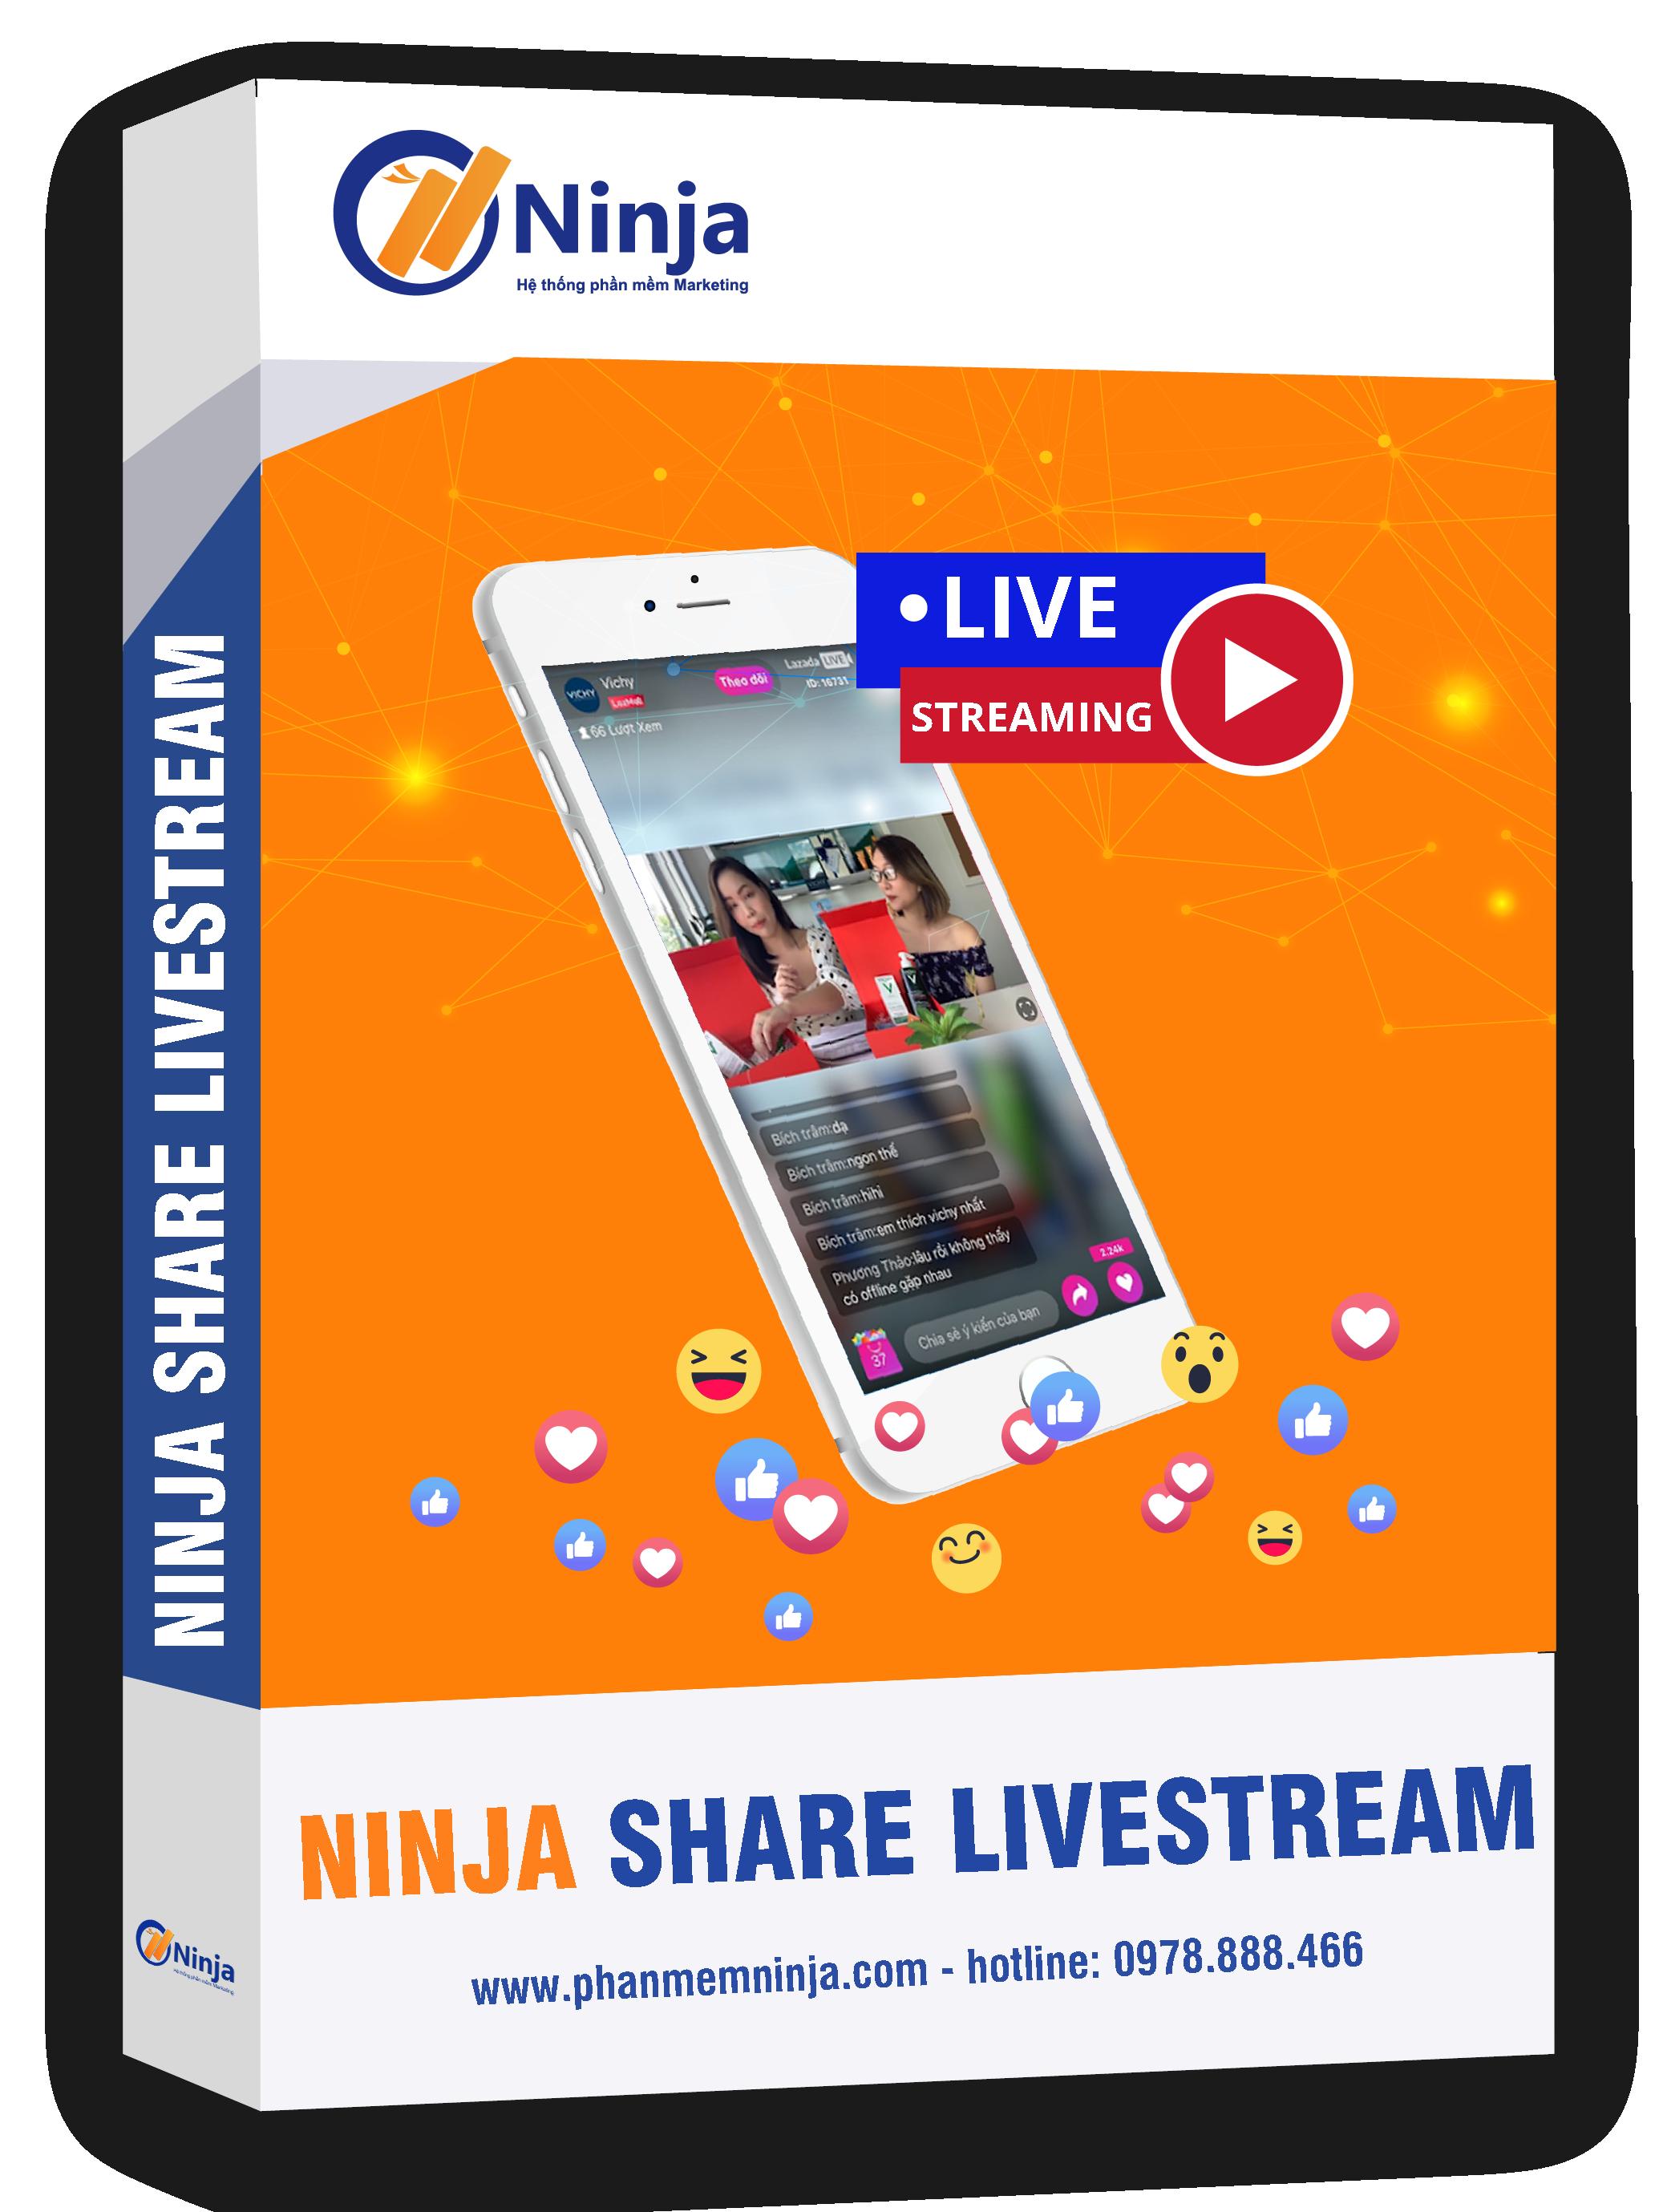 phan mem ninja share-livestream